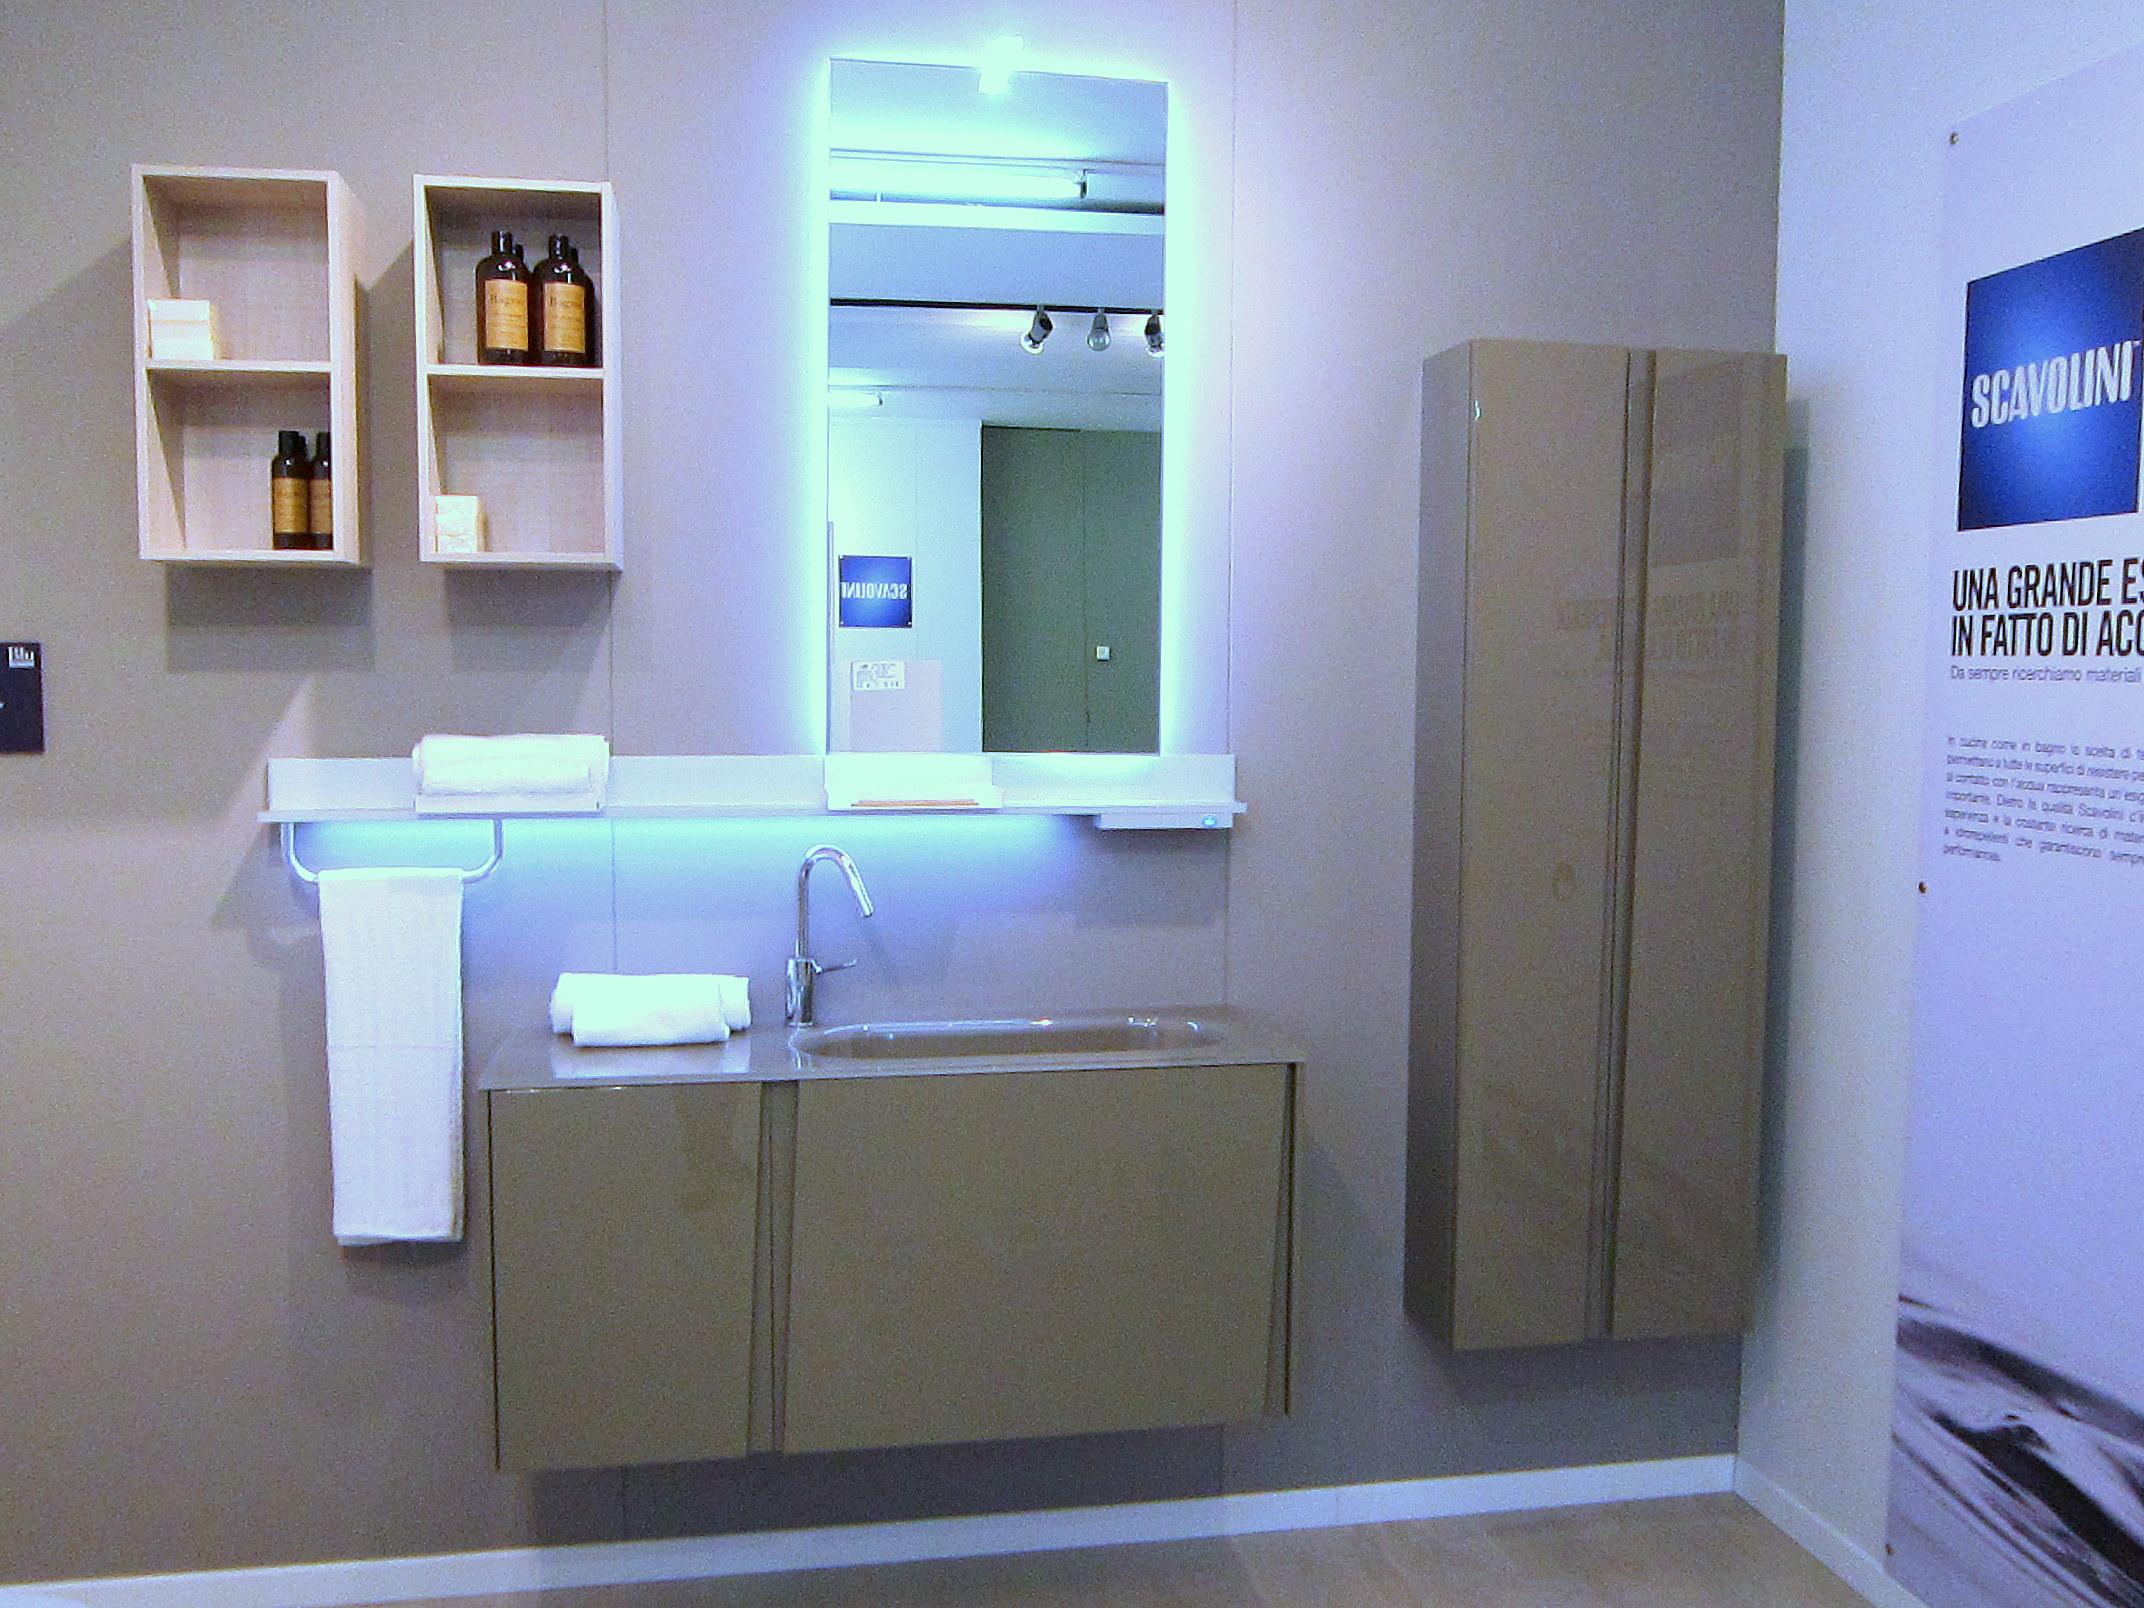 Offerte arredamento milano moderno prezzi e promozioni for Offerte arredo bagno milano